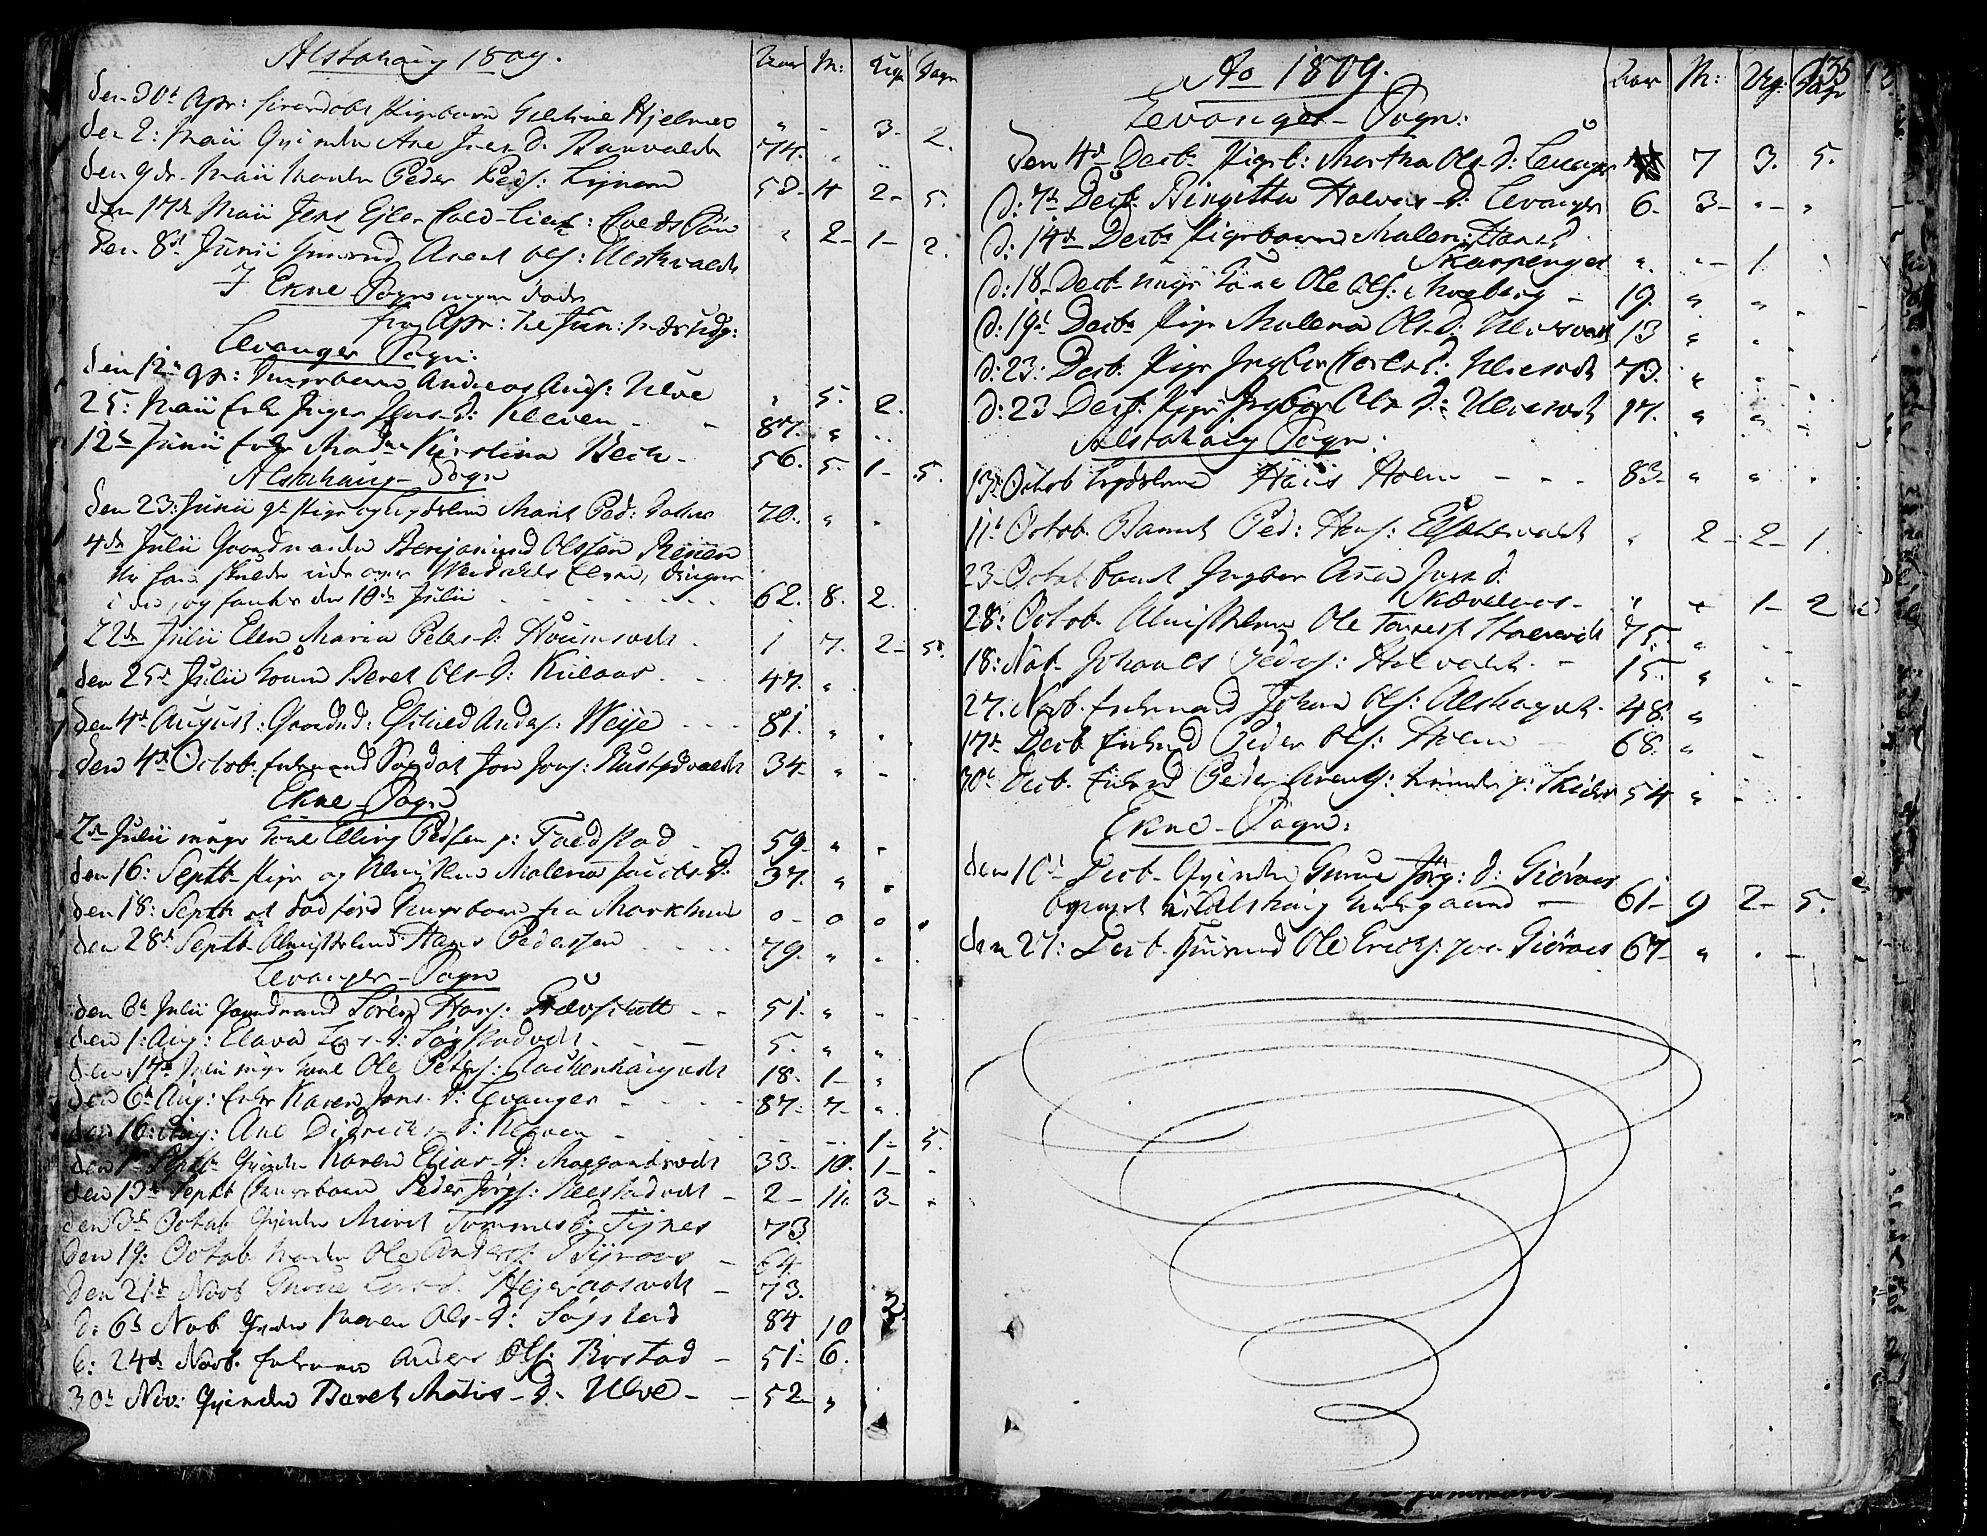 SAT, Ministerialprotokoller, klokkerbøker og fødselsregistre - Nord-Trøndelag, 717/L0142: Ministerialbok nr. 717A02 /1, 1783-1809, s. 135